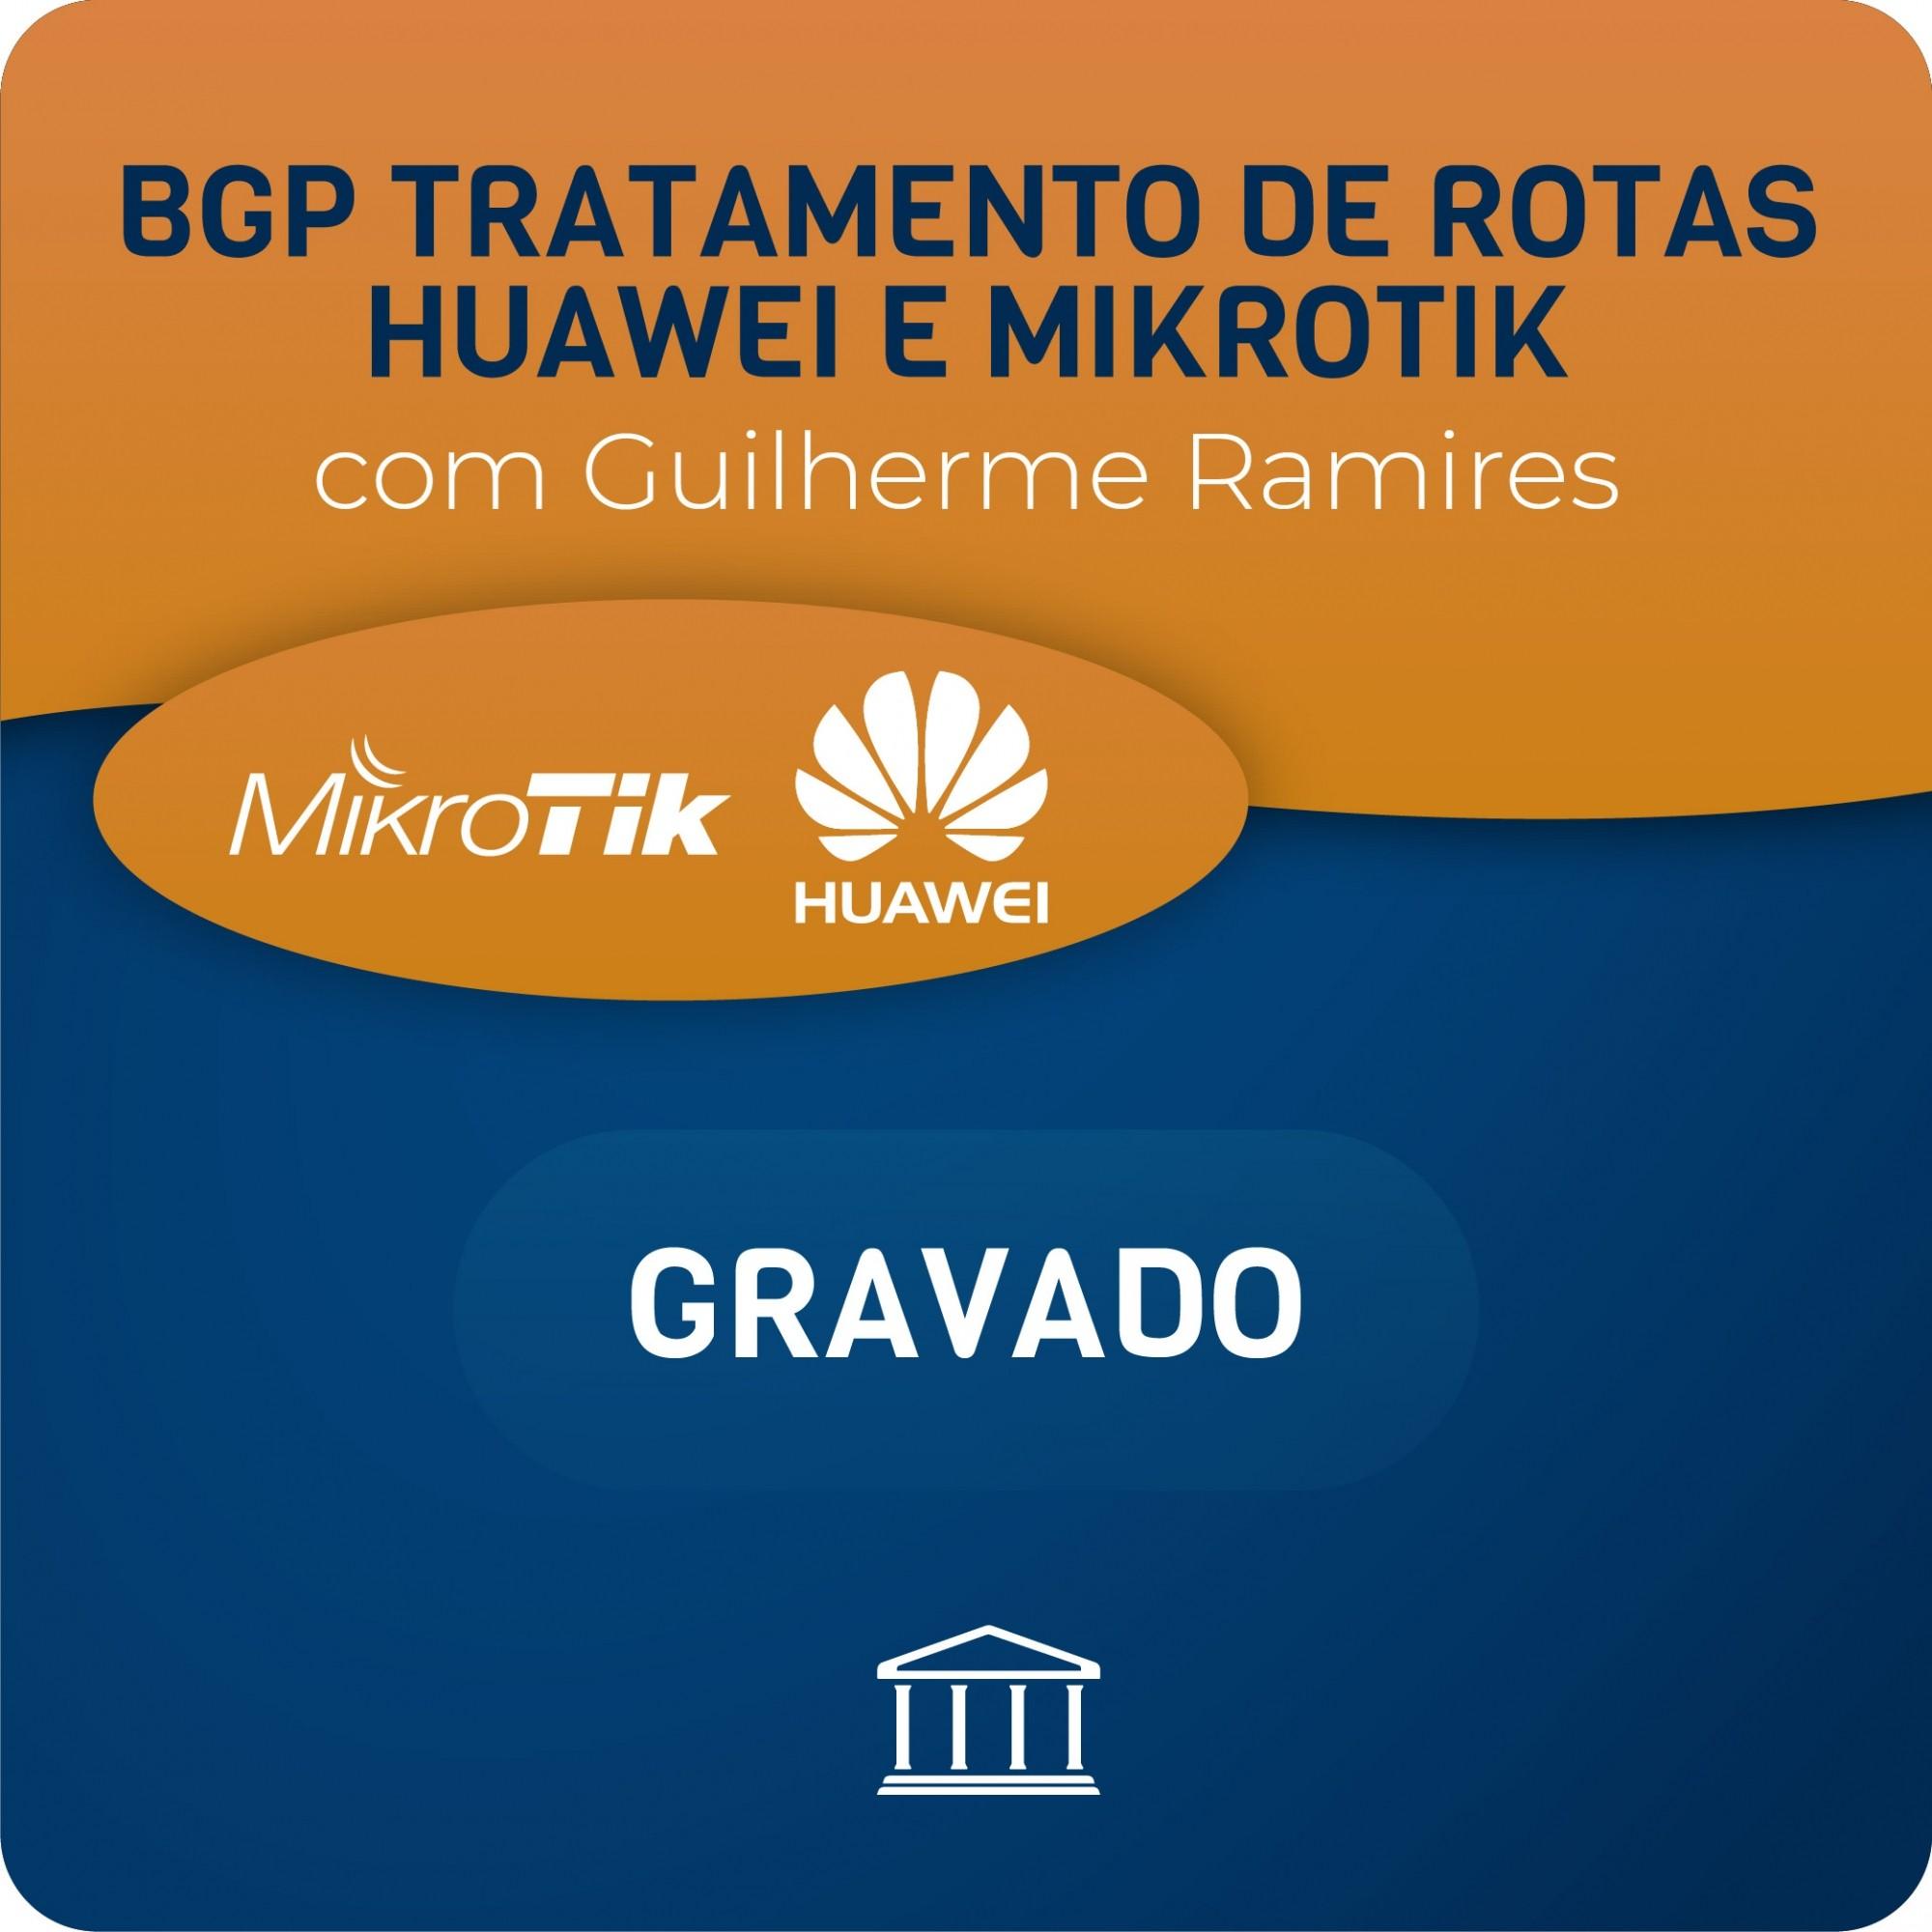 BGP Tratamento de Rotas Huawei e Mikrotik - GRAVADO  - Voz e Dados